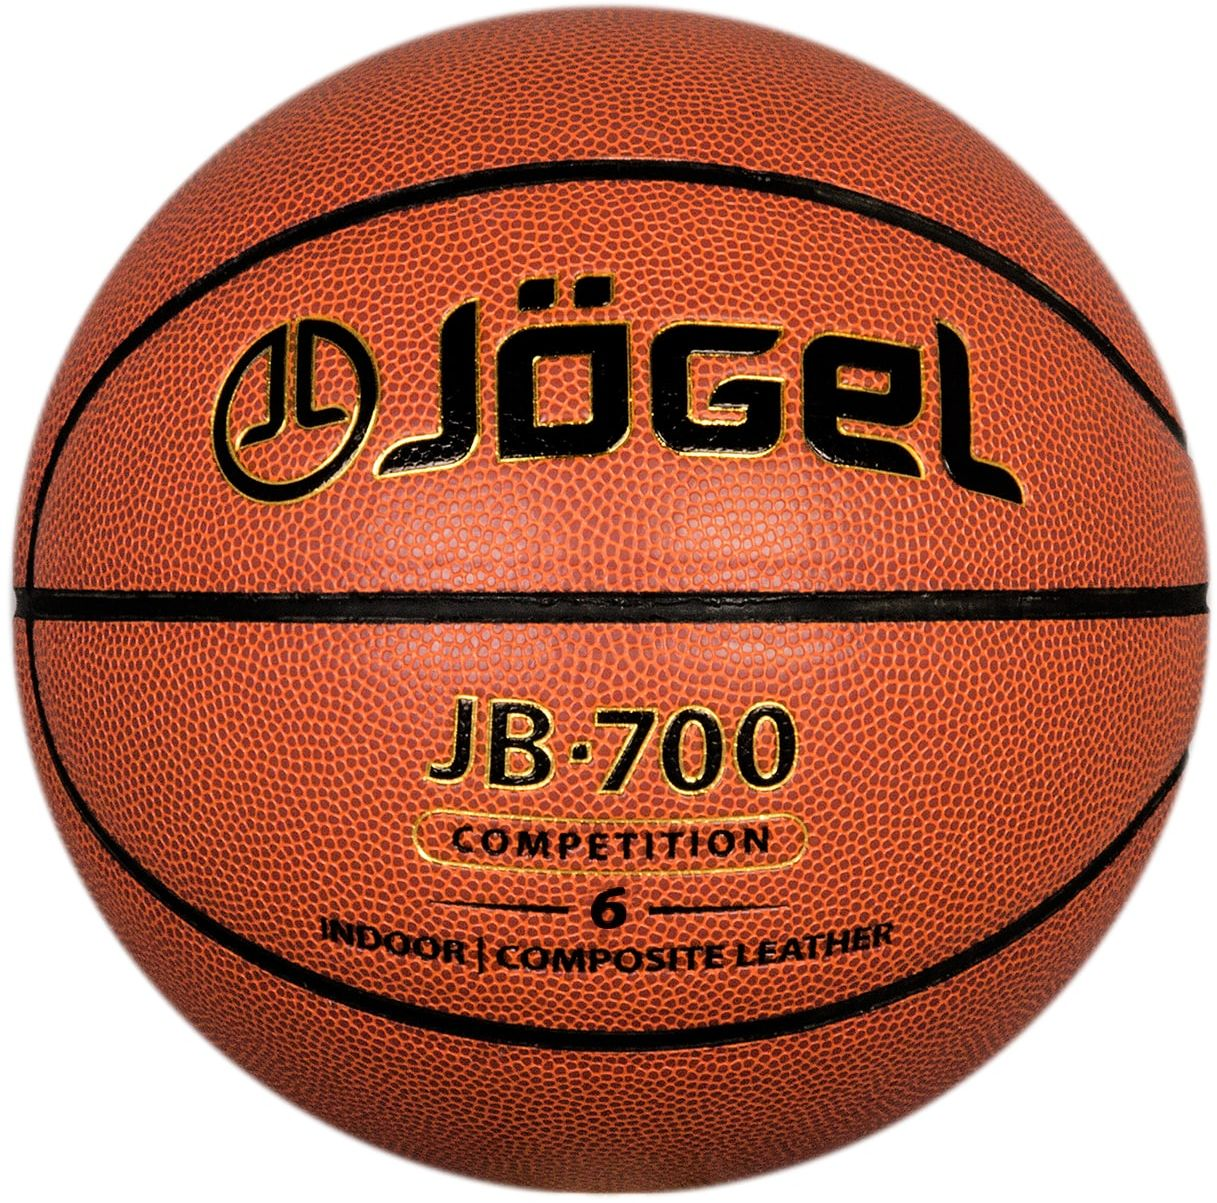 Мяч баскетбольный Jоgel JB-700, цвет: коричневый. Размер 6 баскетбольный мяч р 6 and1 competition micro fibre composite